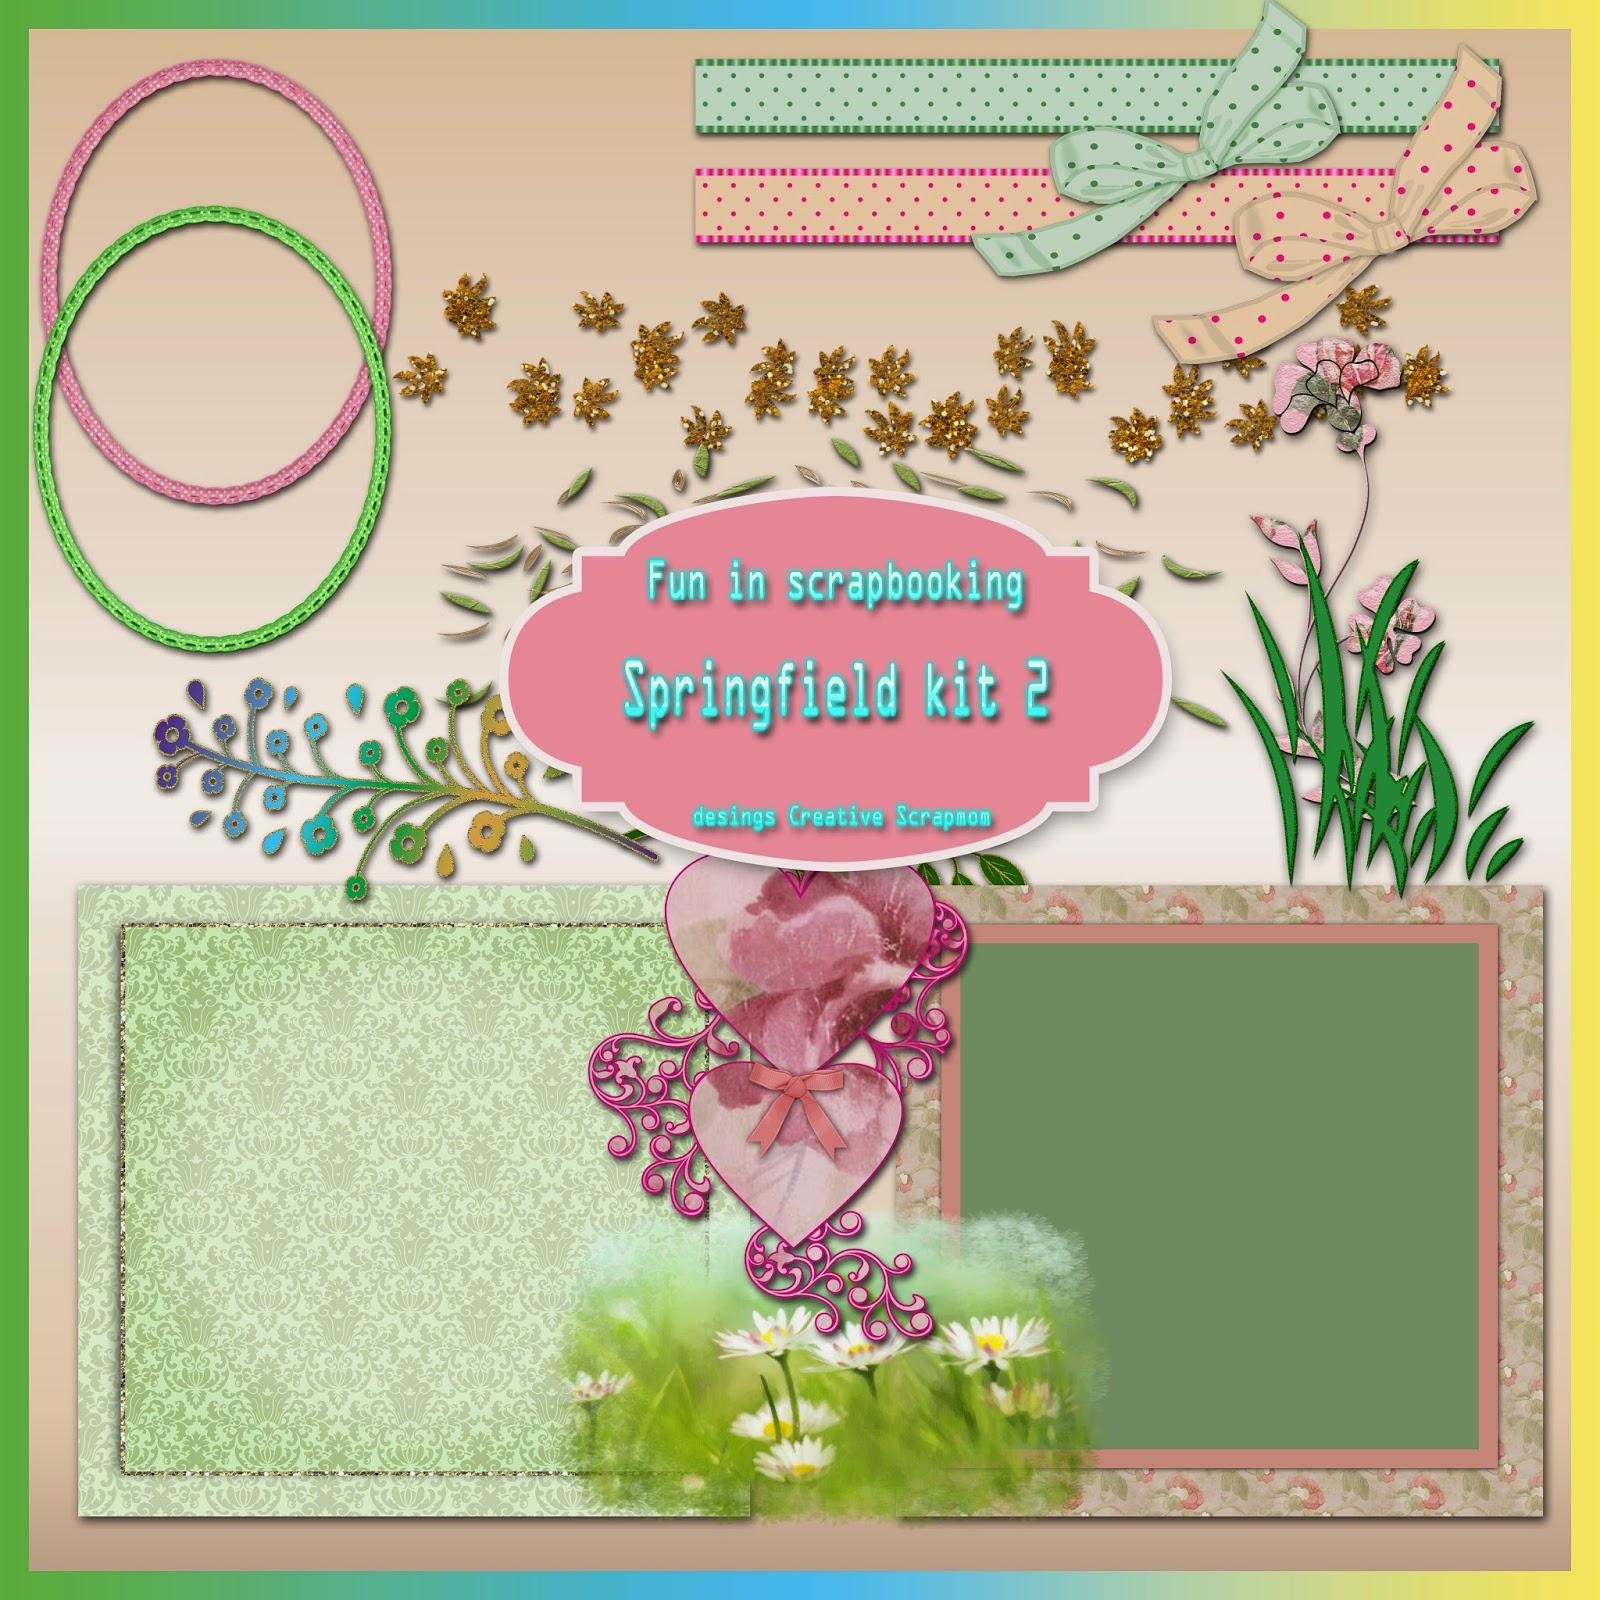 http://2.bp.blogspot.com/-tXSUaLqYcQM/VQ_p6AfFYeI/AAAAAAAAGKw/g45SKko_68Y/s1600/preview.jpg